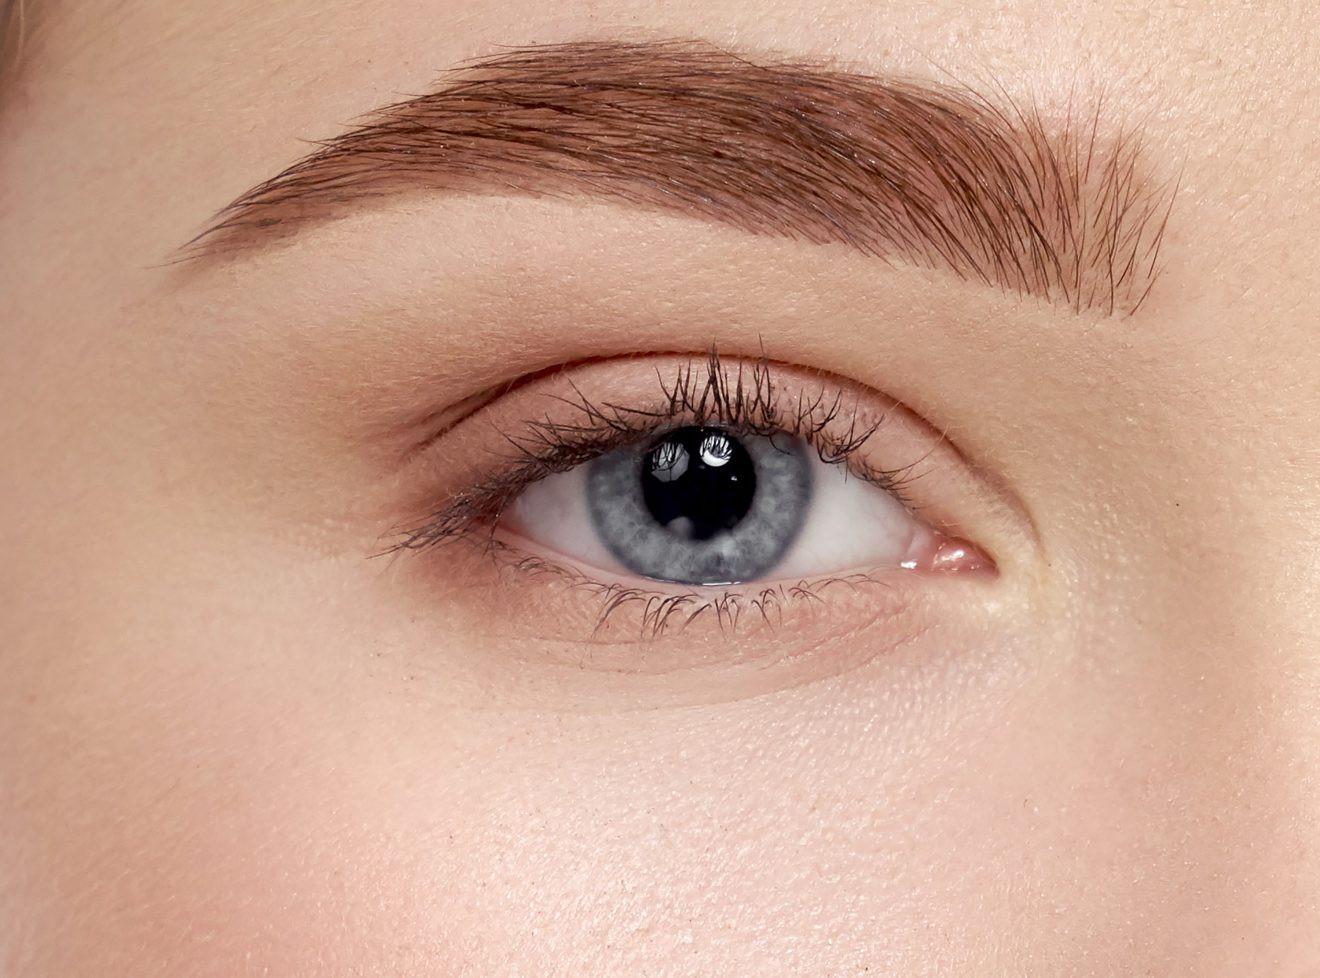 Bạn gái thắc mắc: có nên nhấn mí mắt? Nhấn mí mắt có hại không? - Ảnh 1.